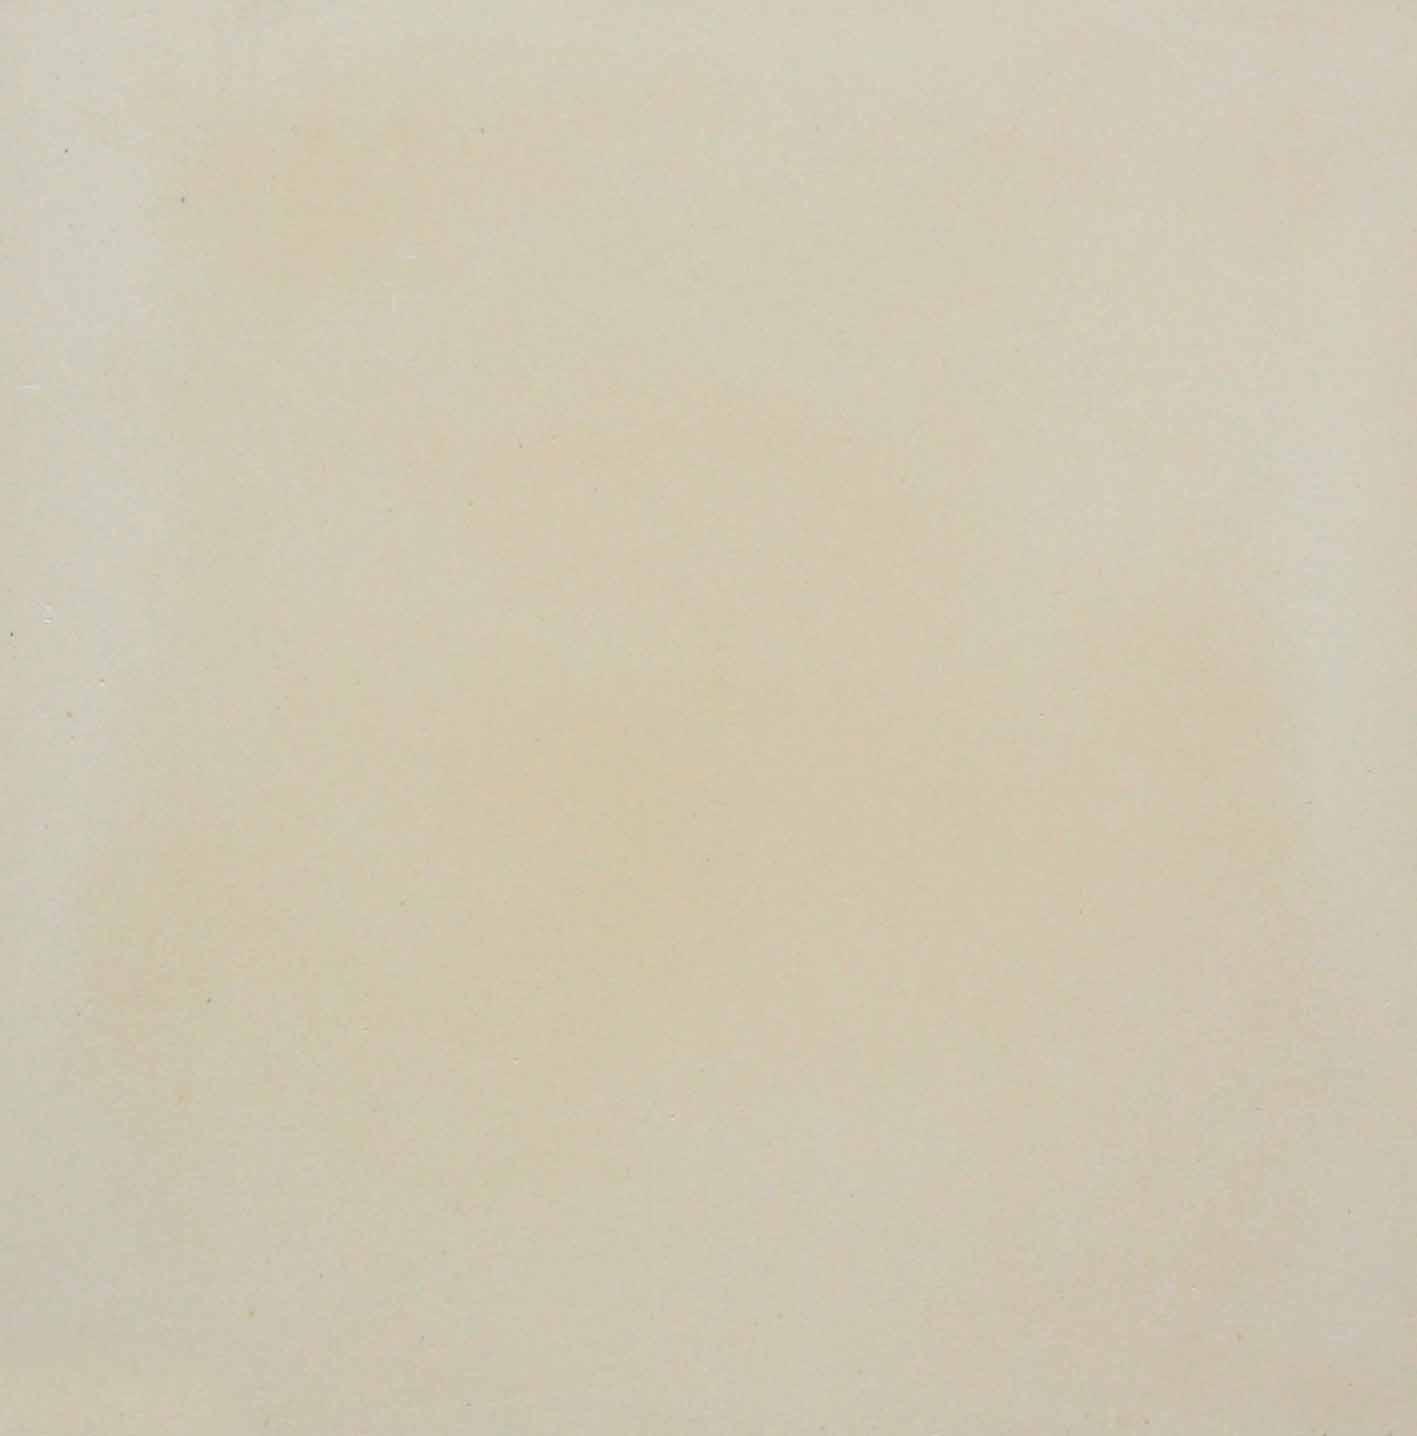 Zementfliese Serie CASTILLO Wandfliese Farbe Beige 10« von Replicata ...